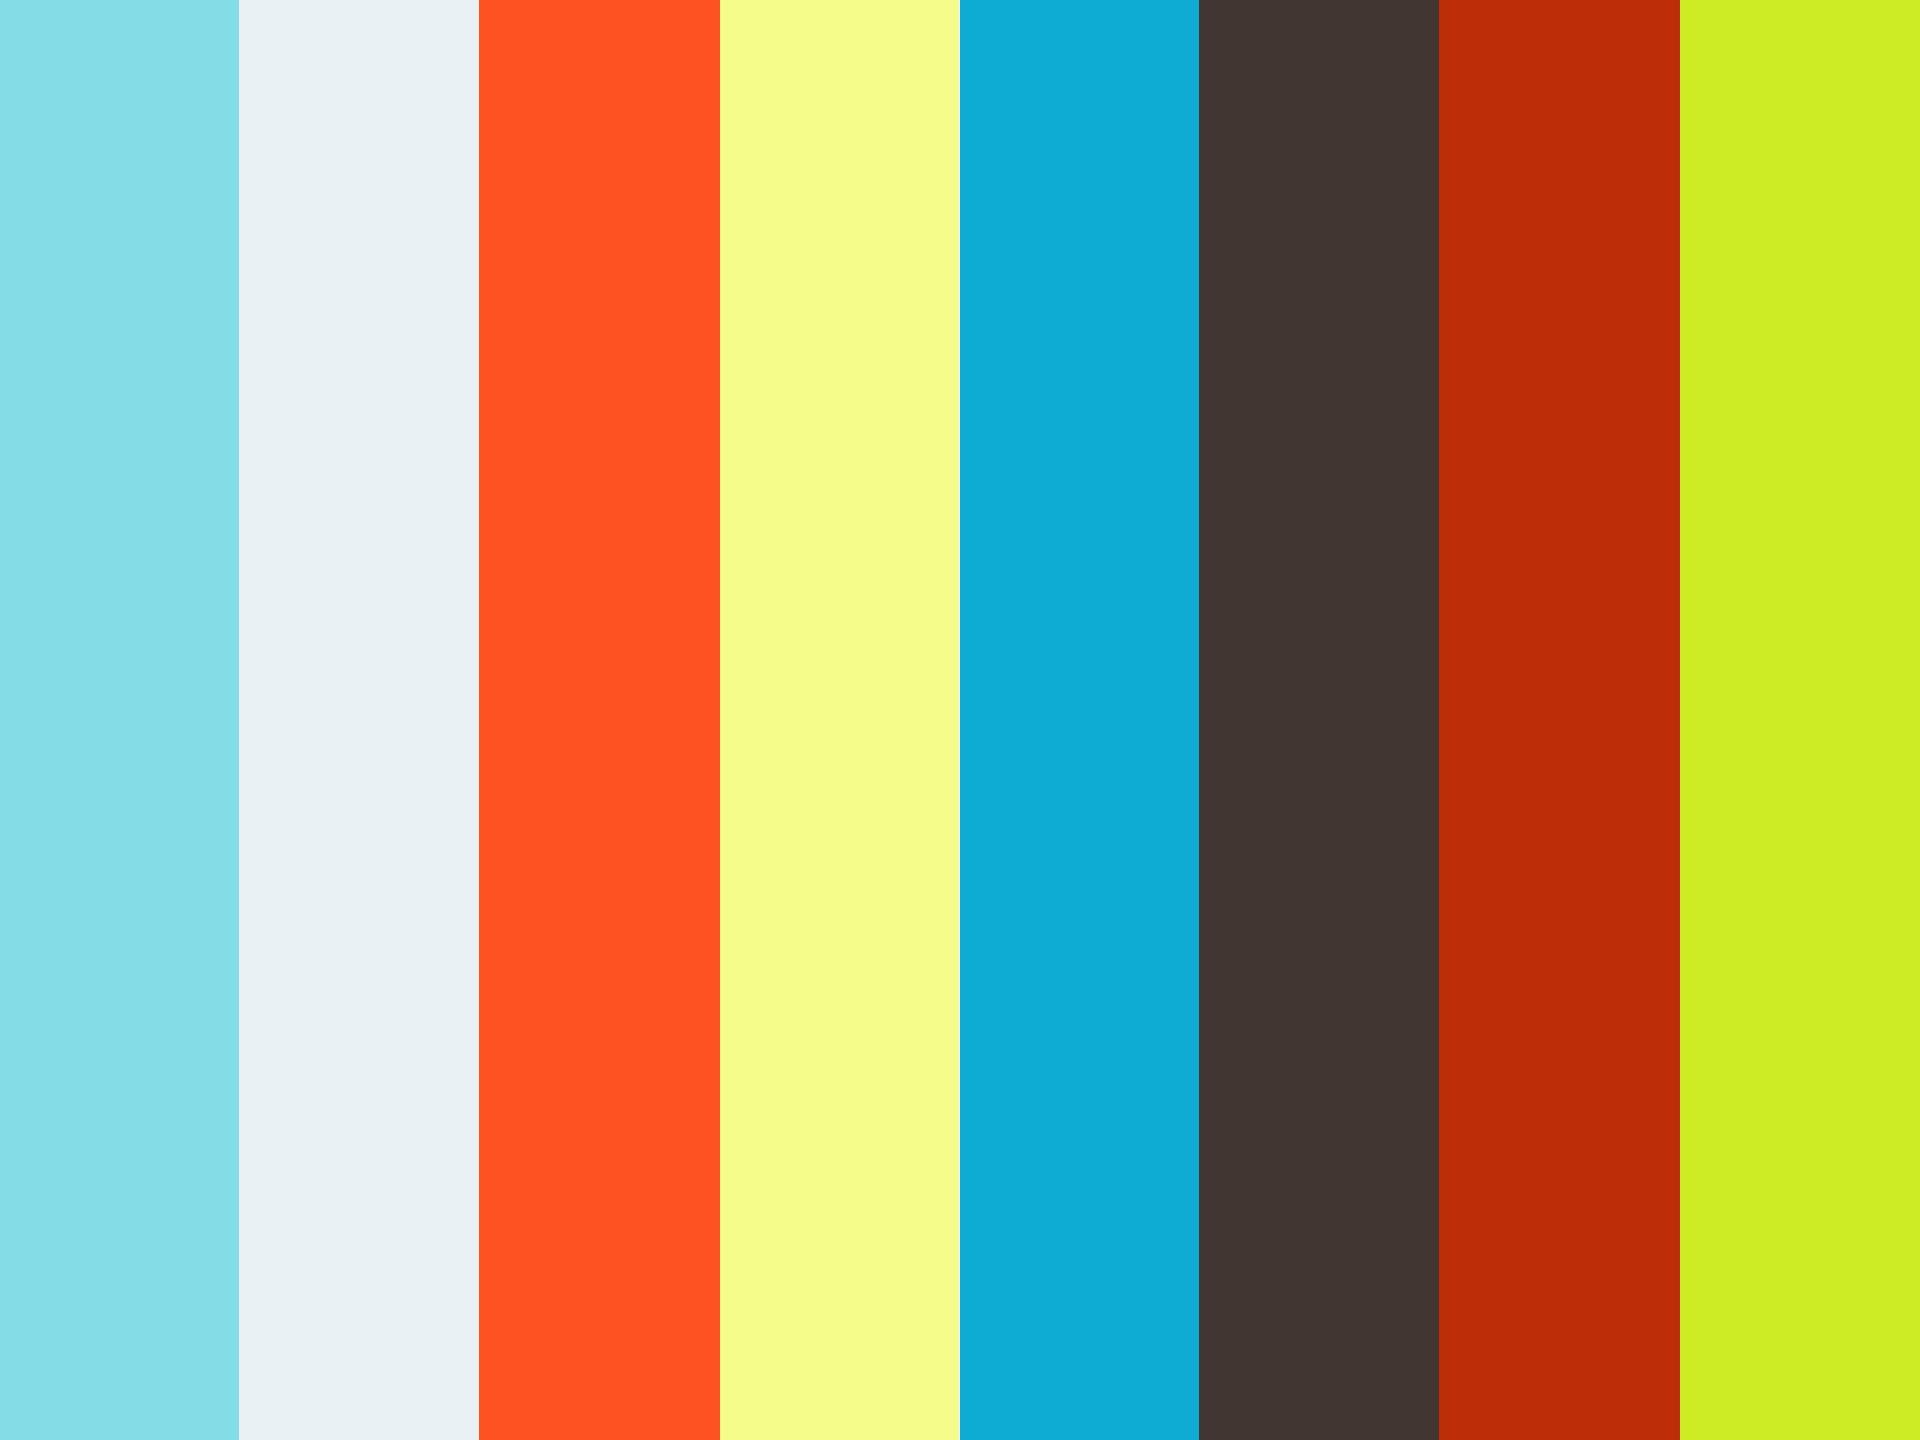 """XAVI GÓMEZ (Responsable del nuevo UD Barbastro Somontano) """"El club cambia su nombre, los colores serán los rojiblancos y para poder entrar en el proyecto se desciende a 2ª regional """" """"El entrenador será Joel Borbón"""""""